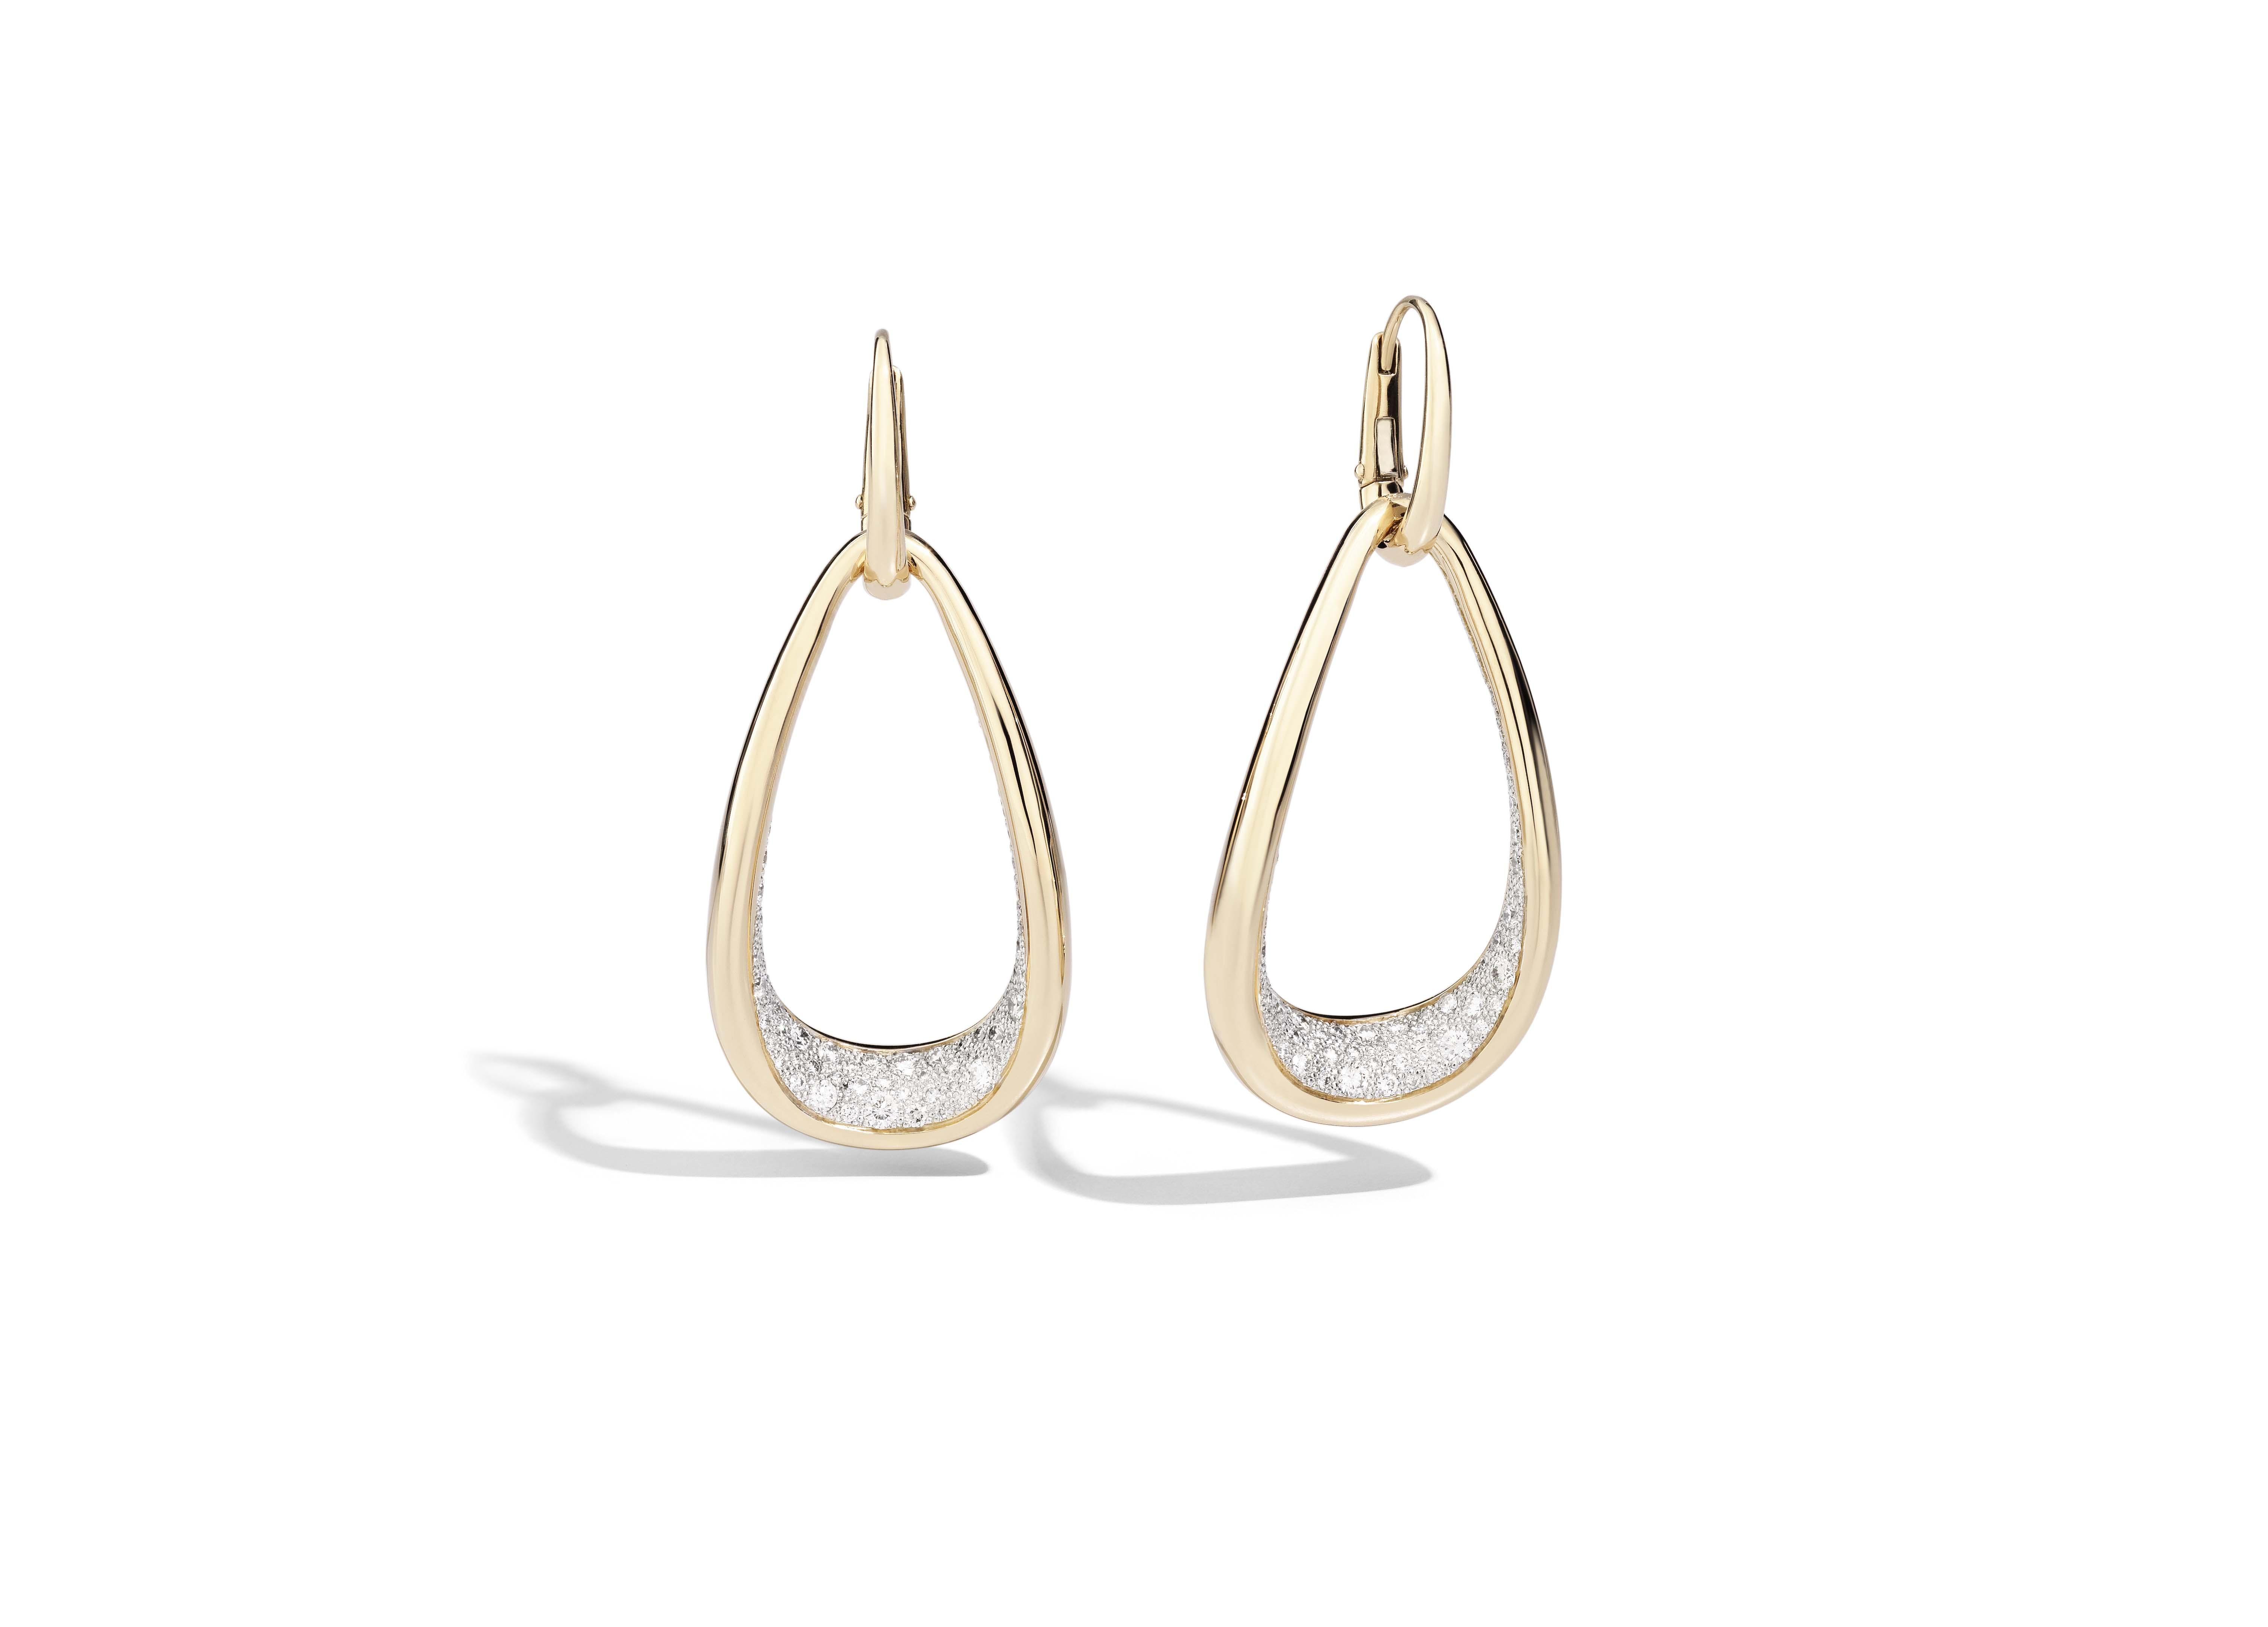 Boucles d'oreilles en or rose et diamants.